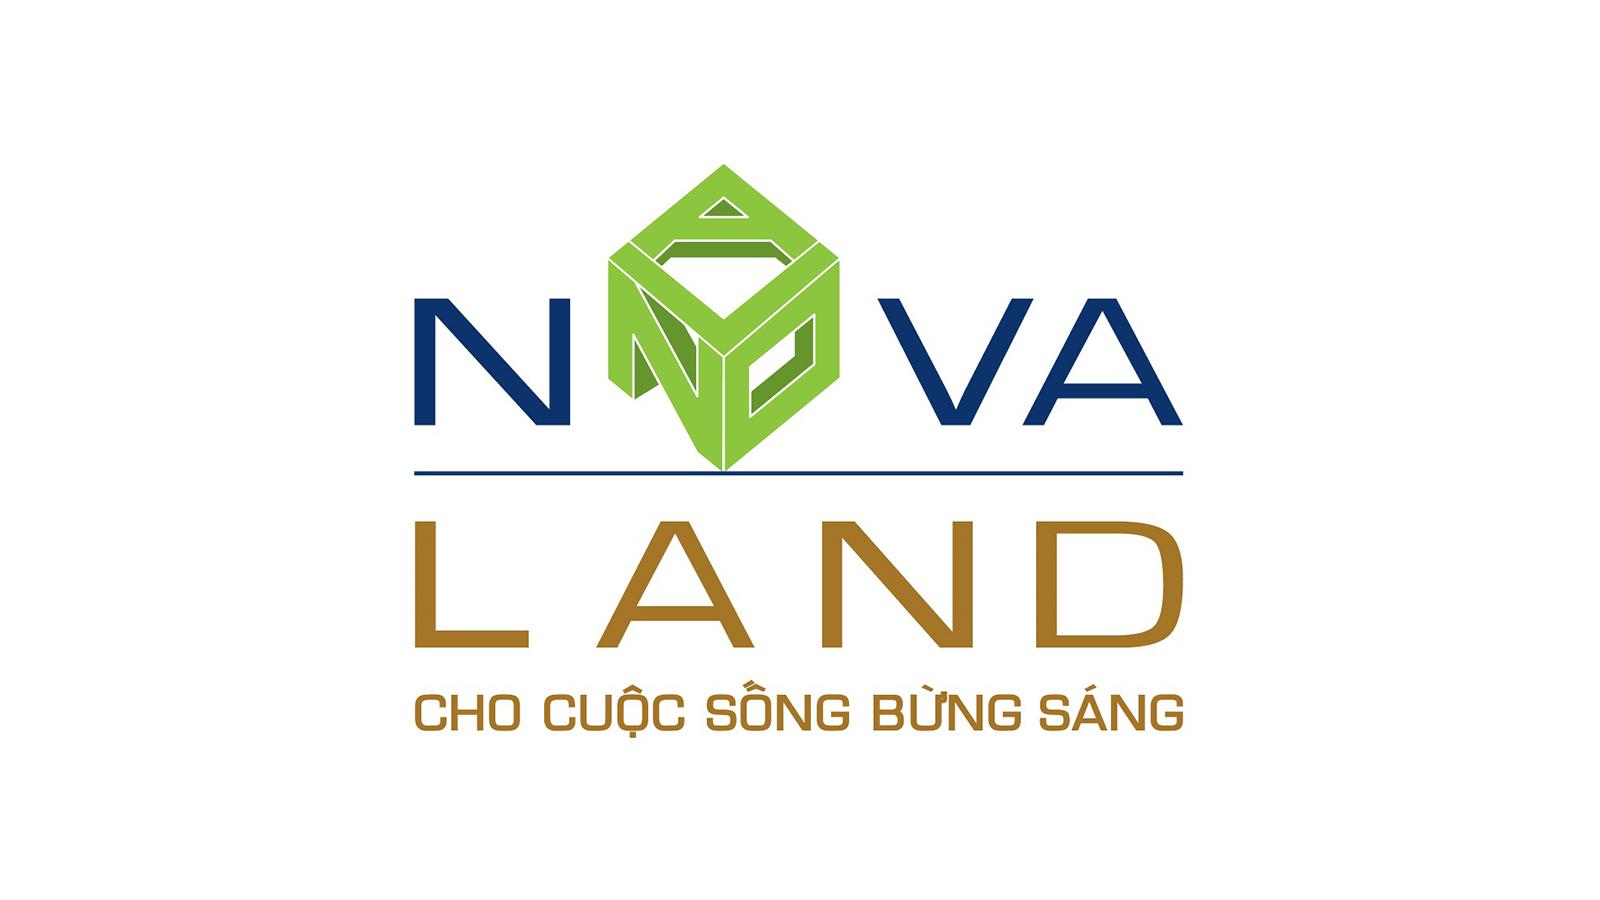 Đằng sau lợi nhuận tăng cao đột biến của Novaland